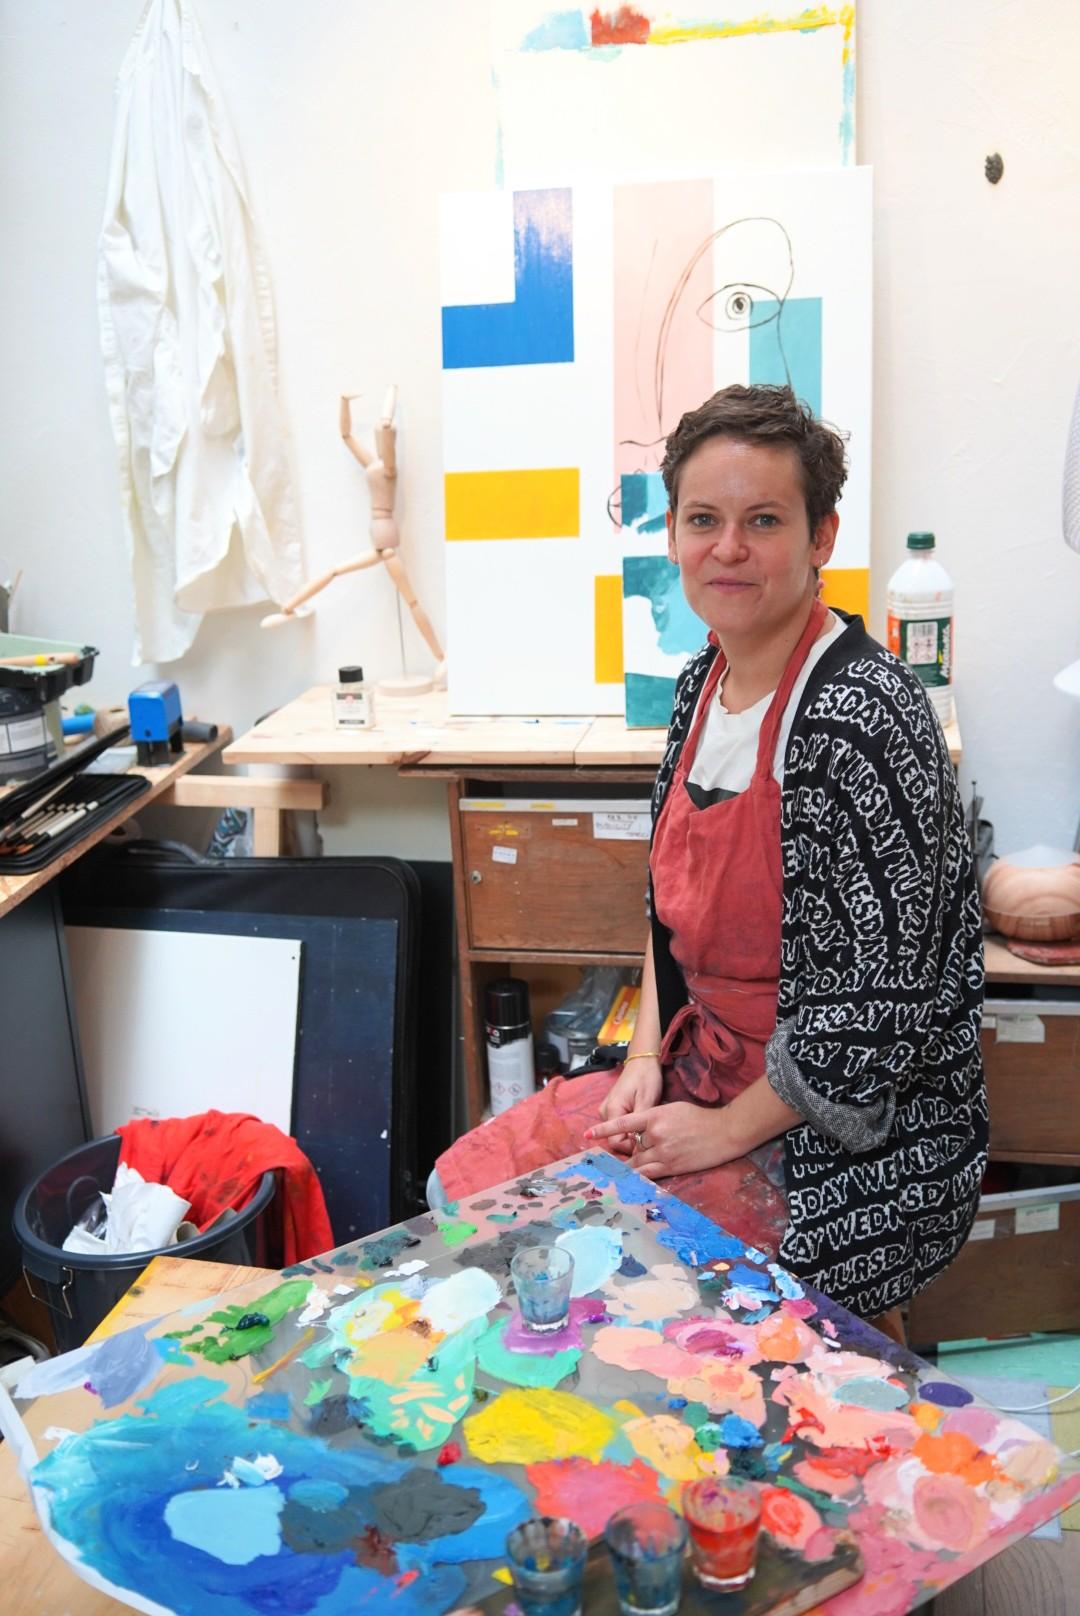 Pauline Katherine, artiste peintre installée rue Ligner